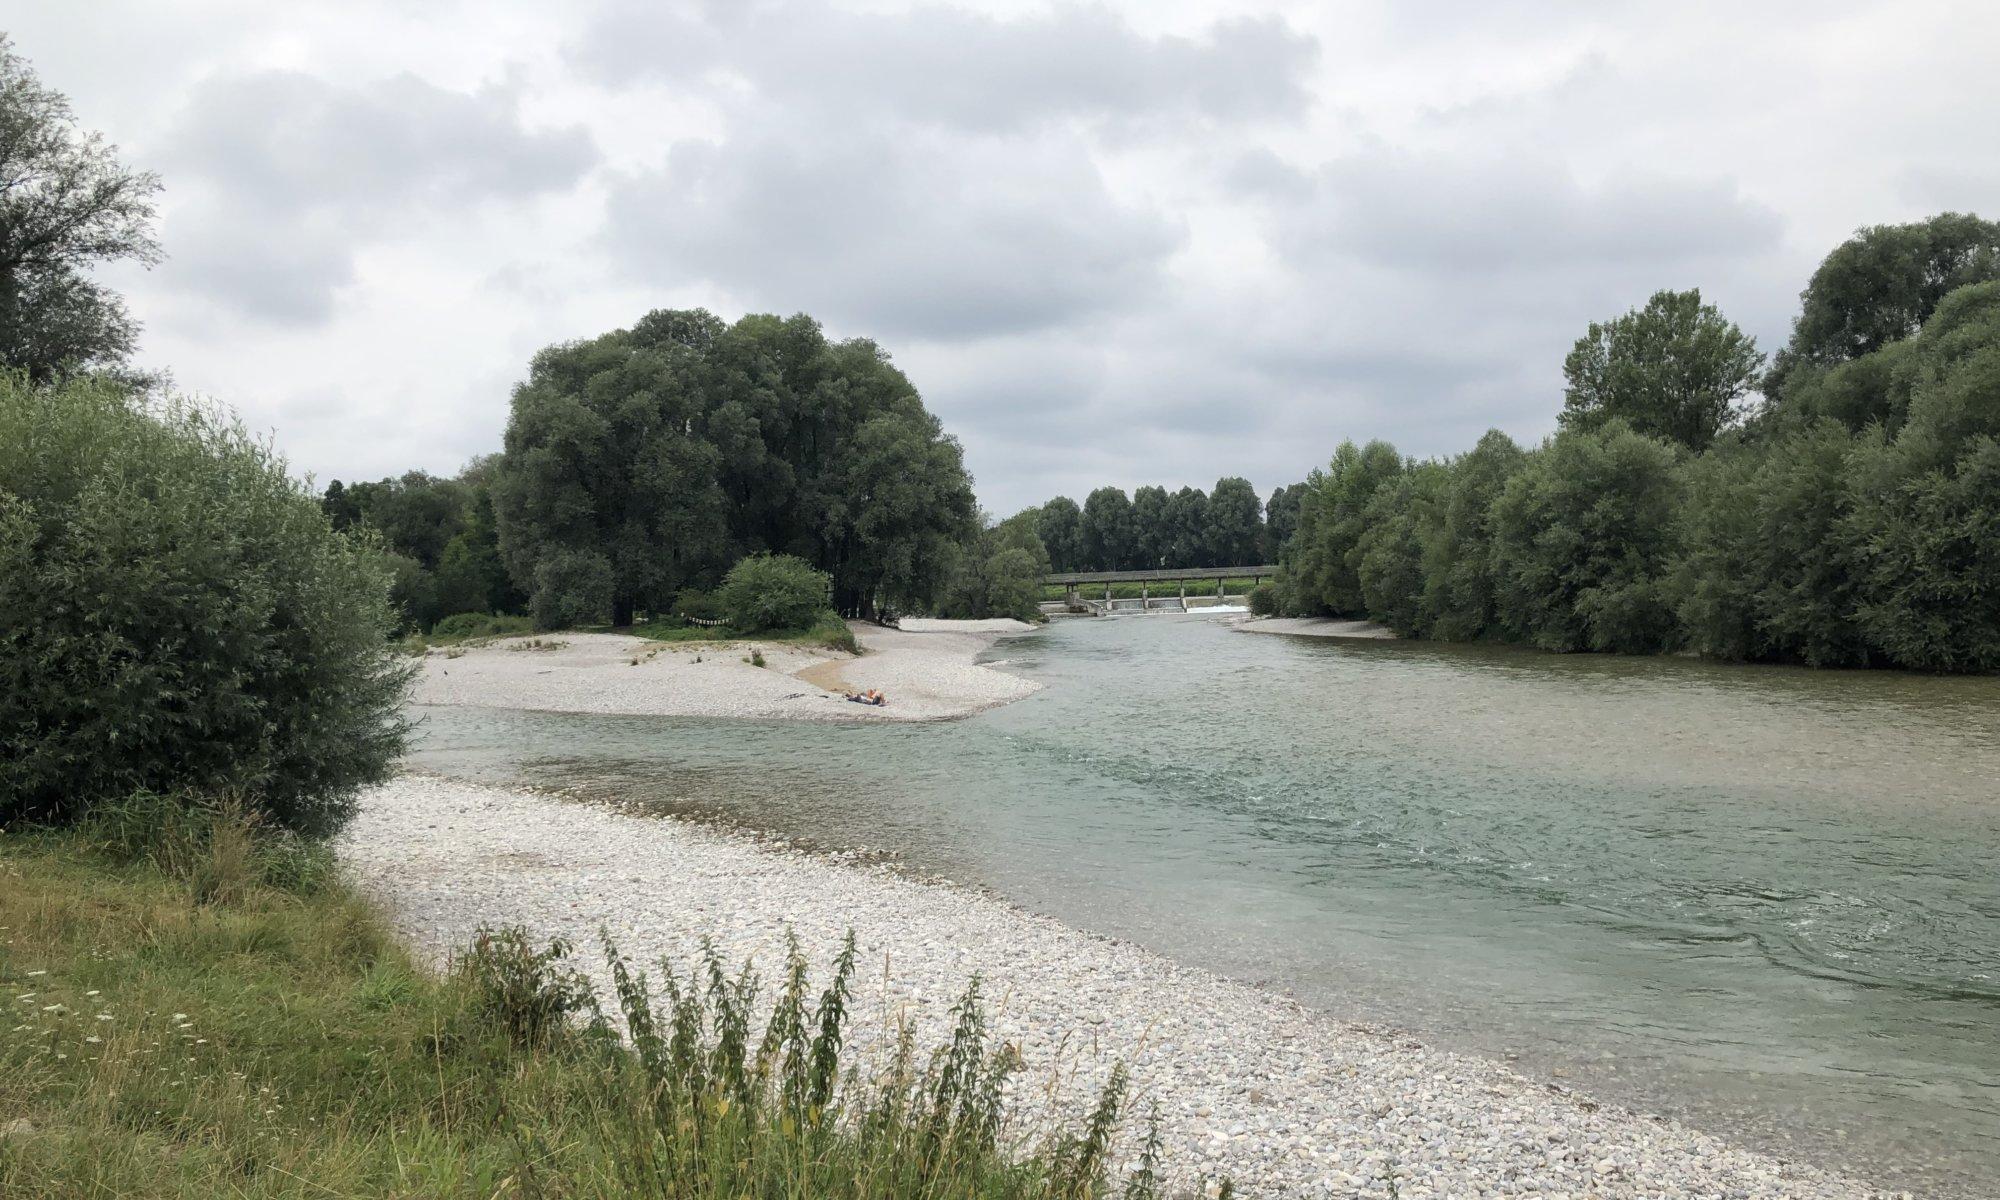 Flaucher, Isar, München